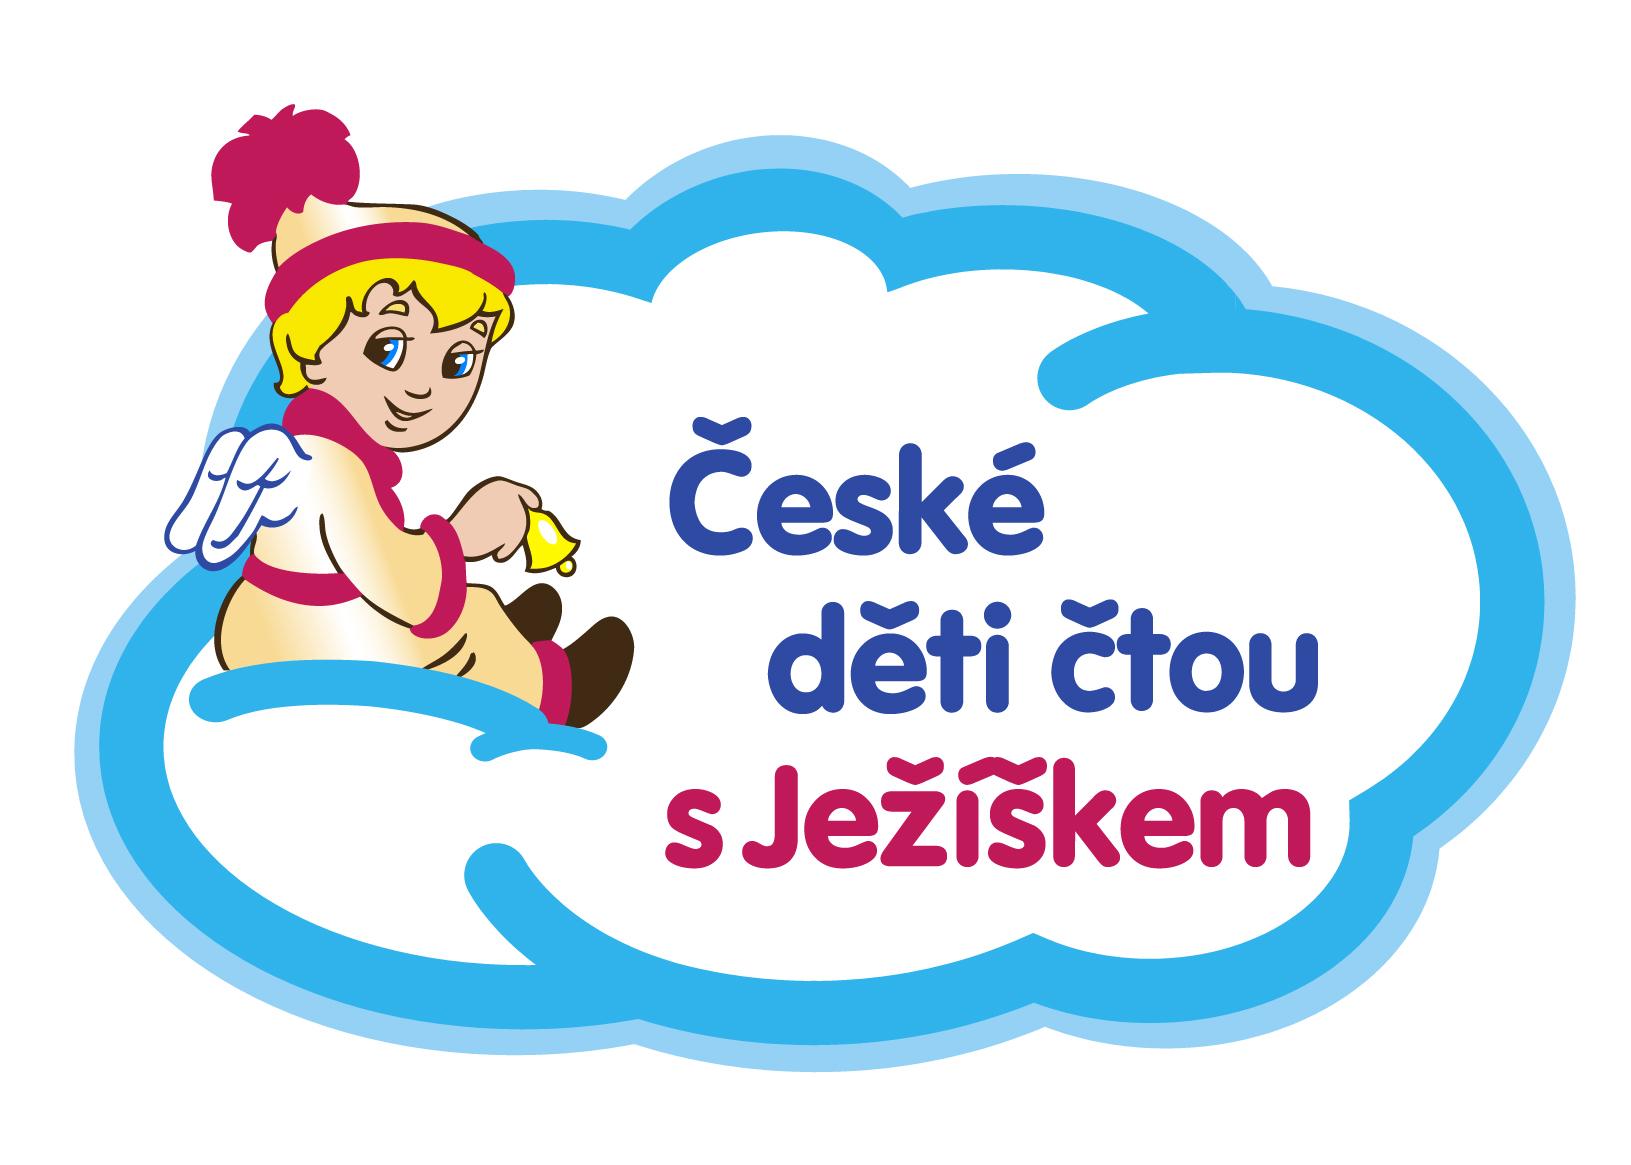 Jezisek_logo_2009_ceske deti ctou.jpg